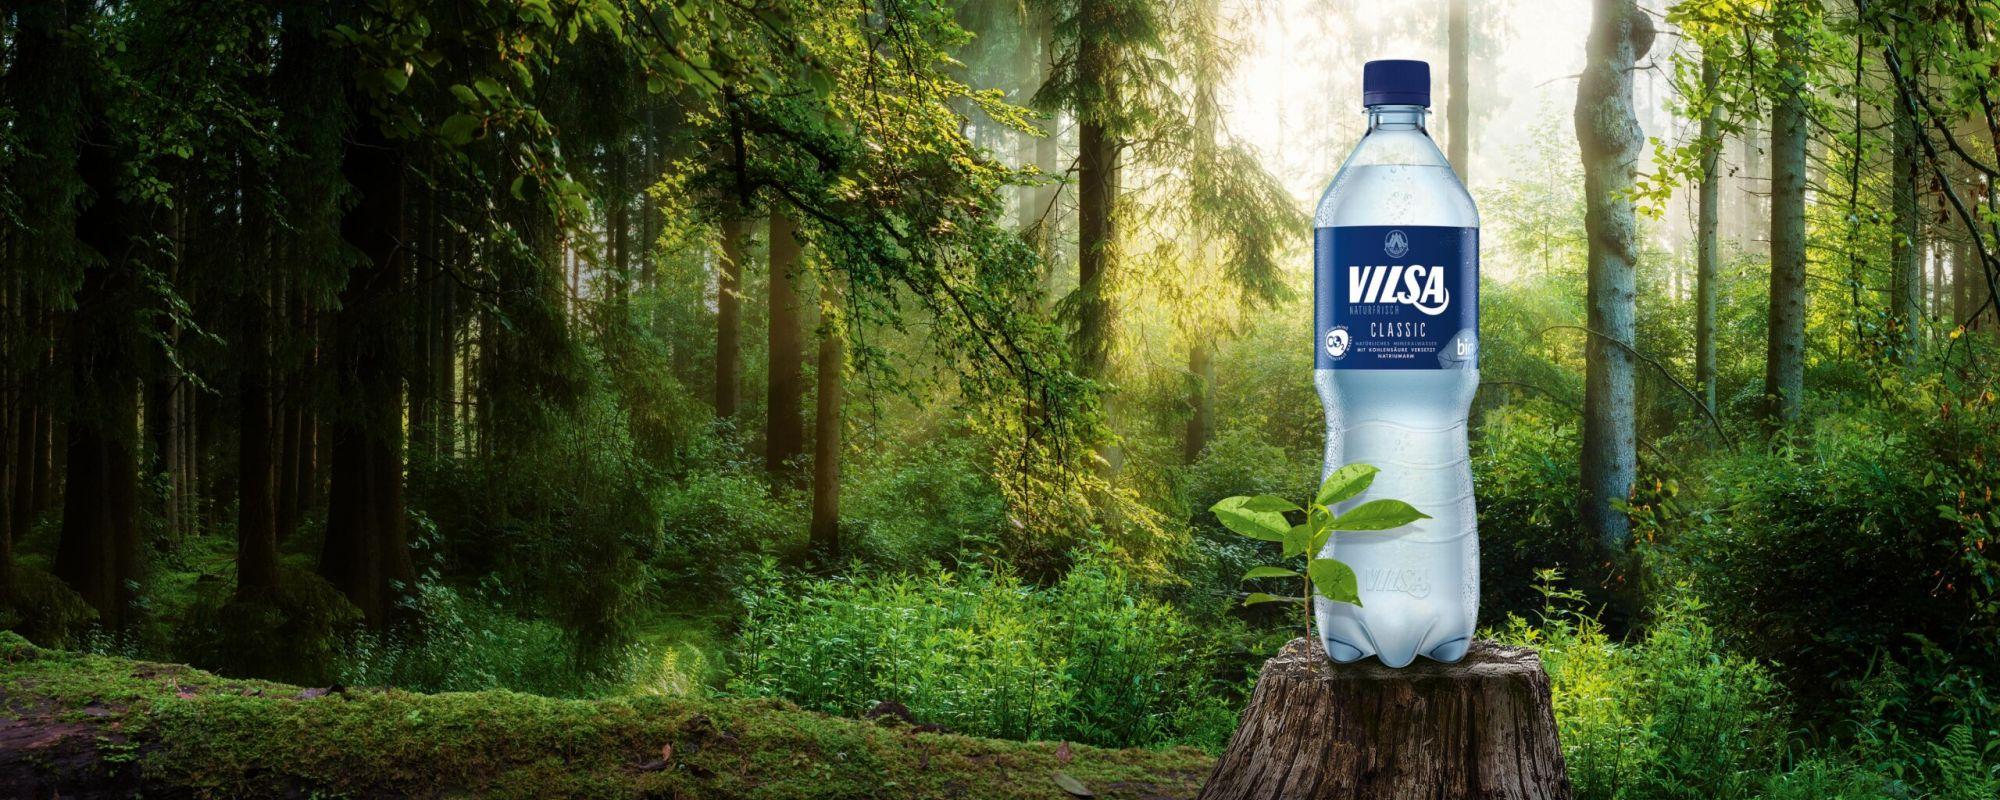 VILSA Mineralwasser classic rPET 1,0l auf einem Baumstumpf in der Natur